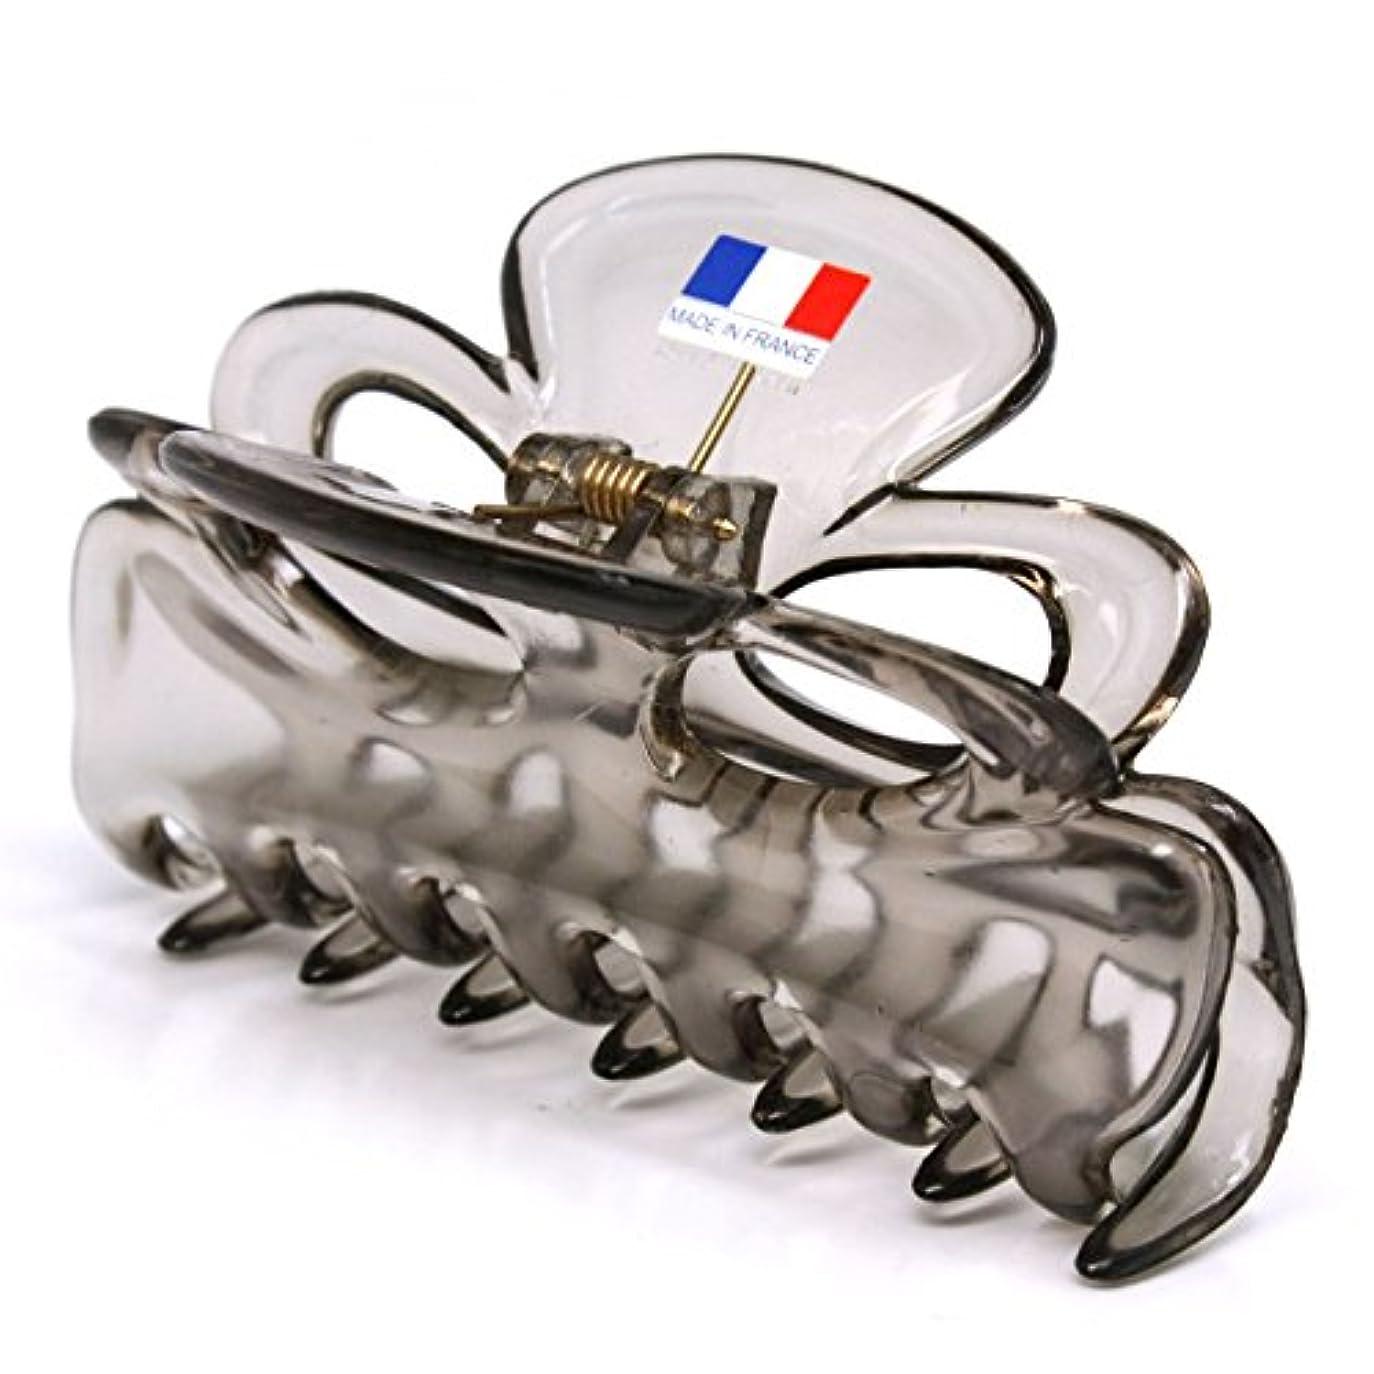 ルビー彼らのもの悔い改めフランスクリップ グレー